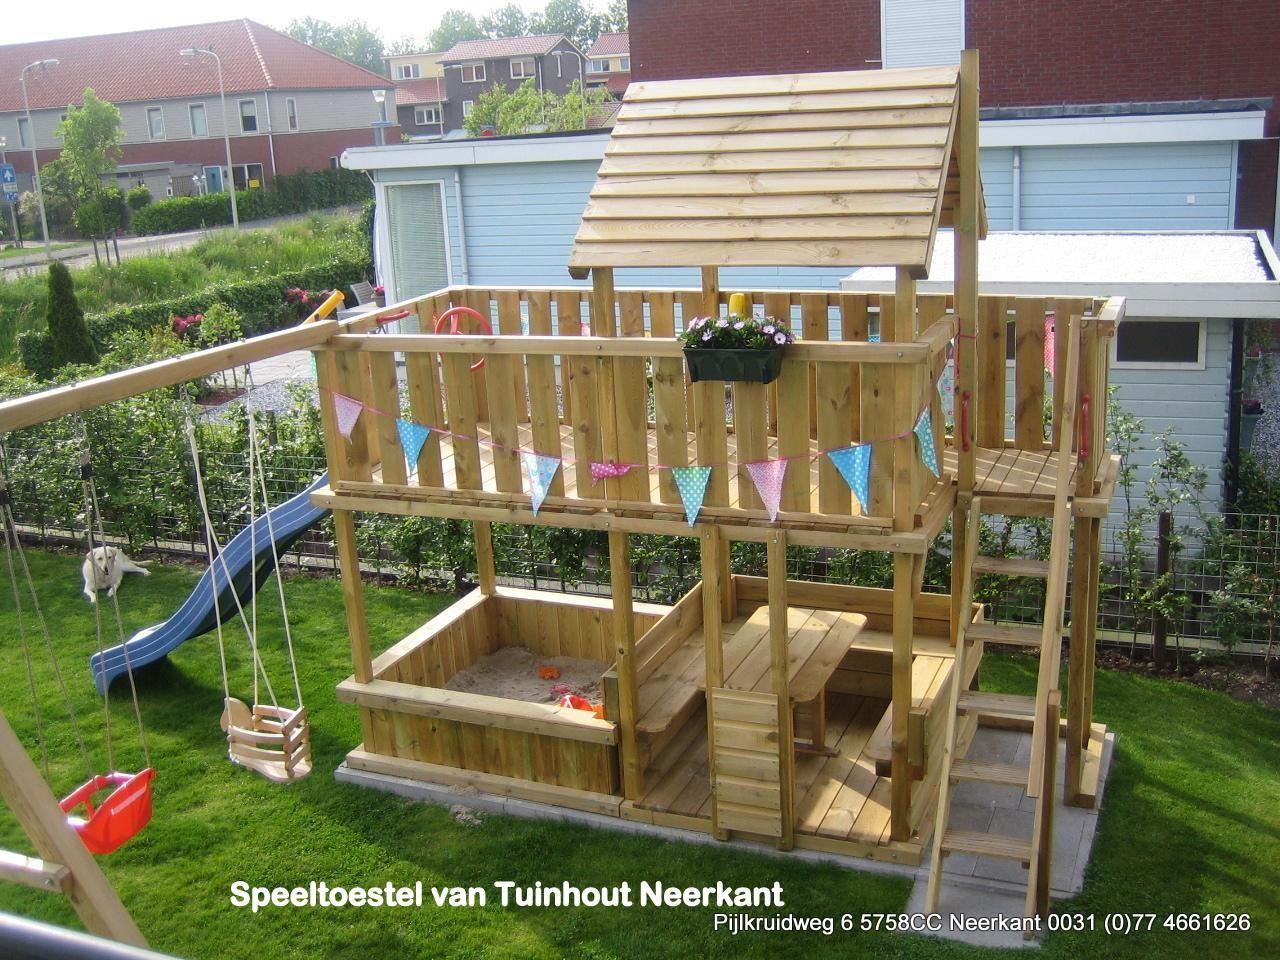 speeltoestel tuin zelf maken - Google zoeken : Tuin ideetjes ...